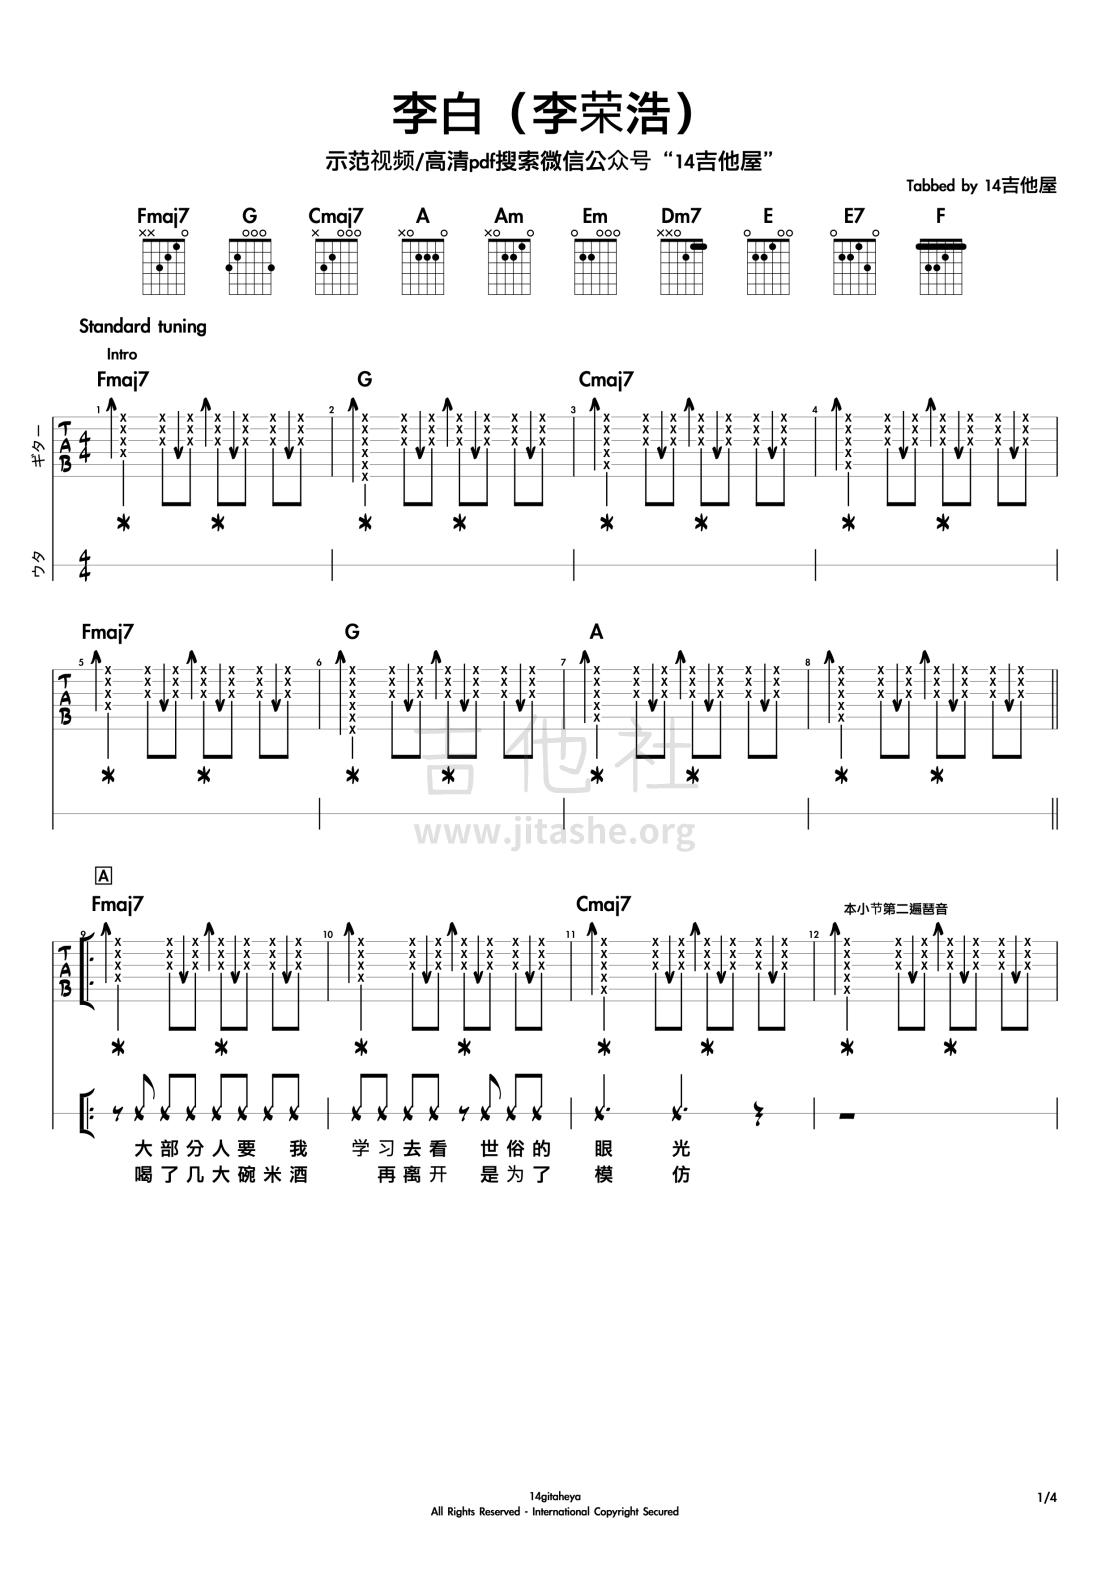 李白(14吉他屋)吉他谱(图片谱,弹唱)_李荣浩_李白#1.png